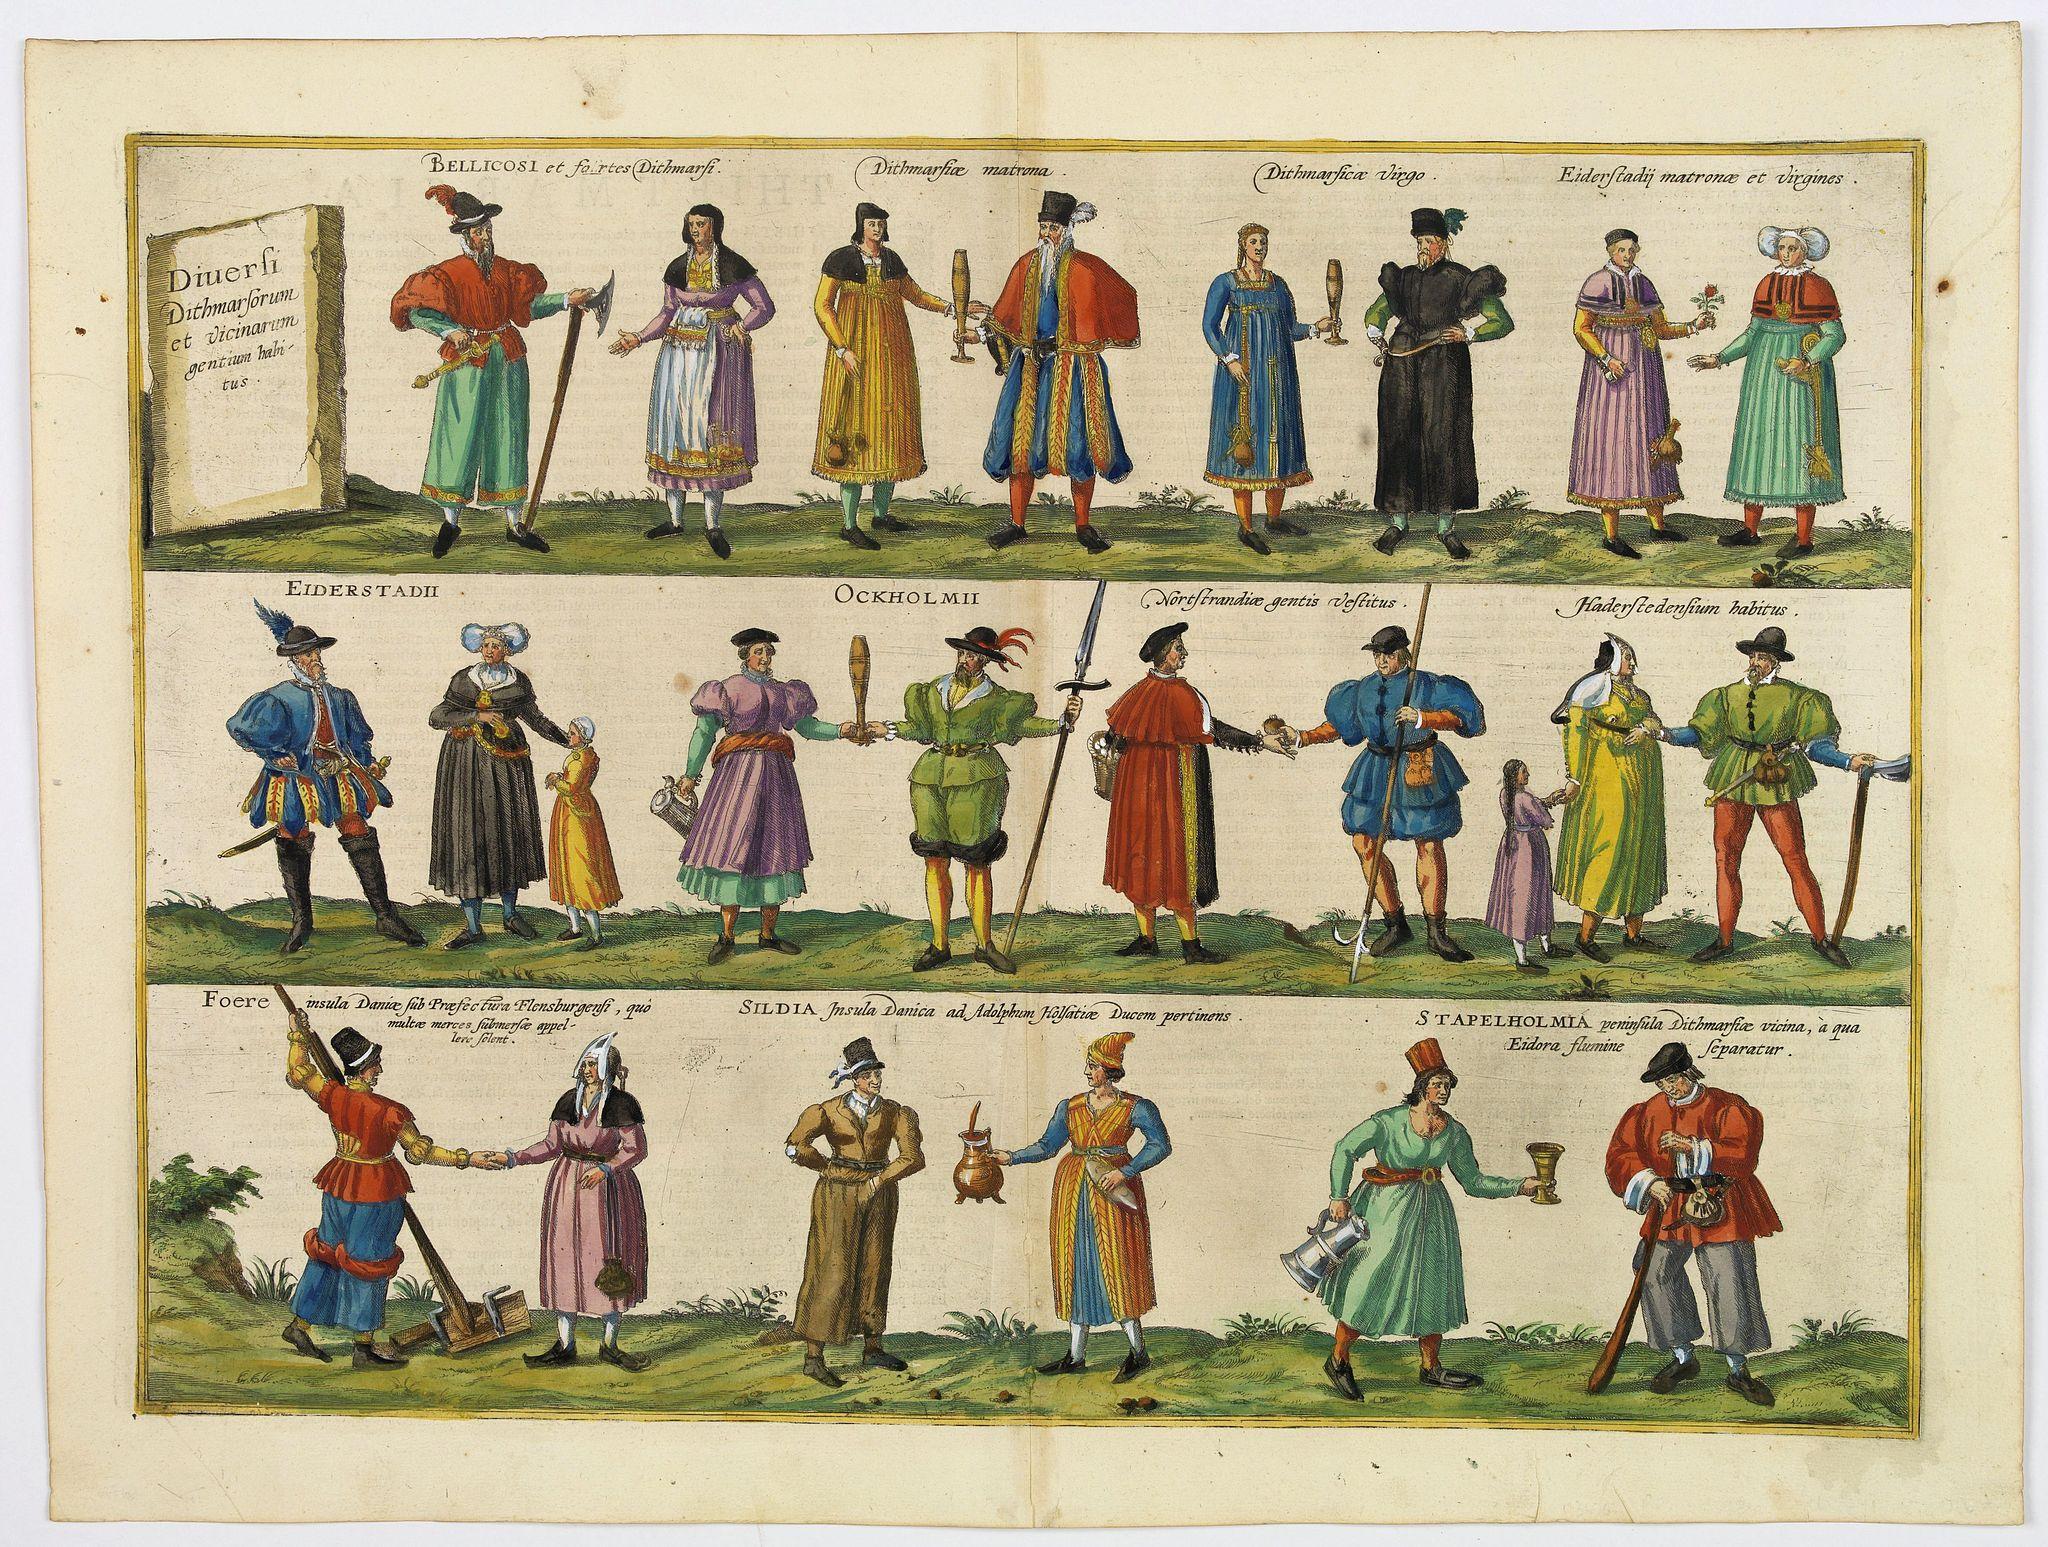 BRAUN,G. / HOGENBERG, F. -  Diversi Dithmarsorum et vicinarum gentium habitus.